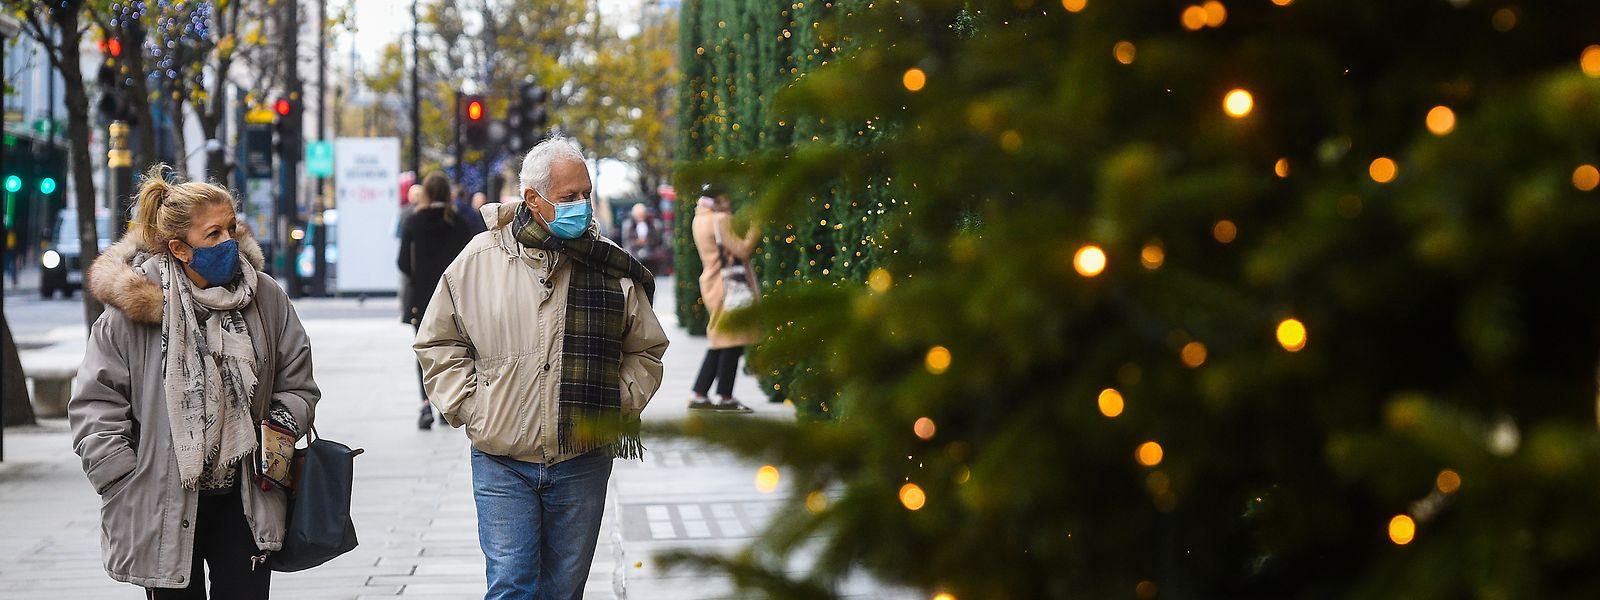 Die deutschen Bundesländer fordern vor den Beratungen mit Kanzlerin Angela Merkel strengere Kontaktbeschränkungen. Für Weihnachten und Silvester sollen aber Sonderregeln gelten.